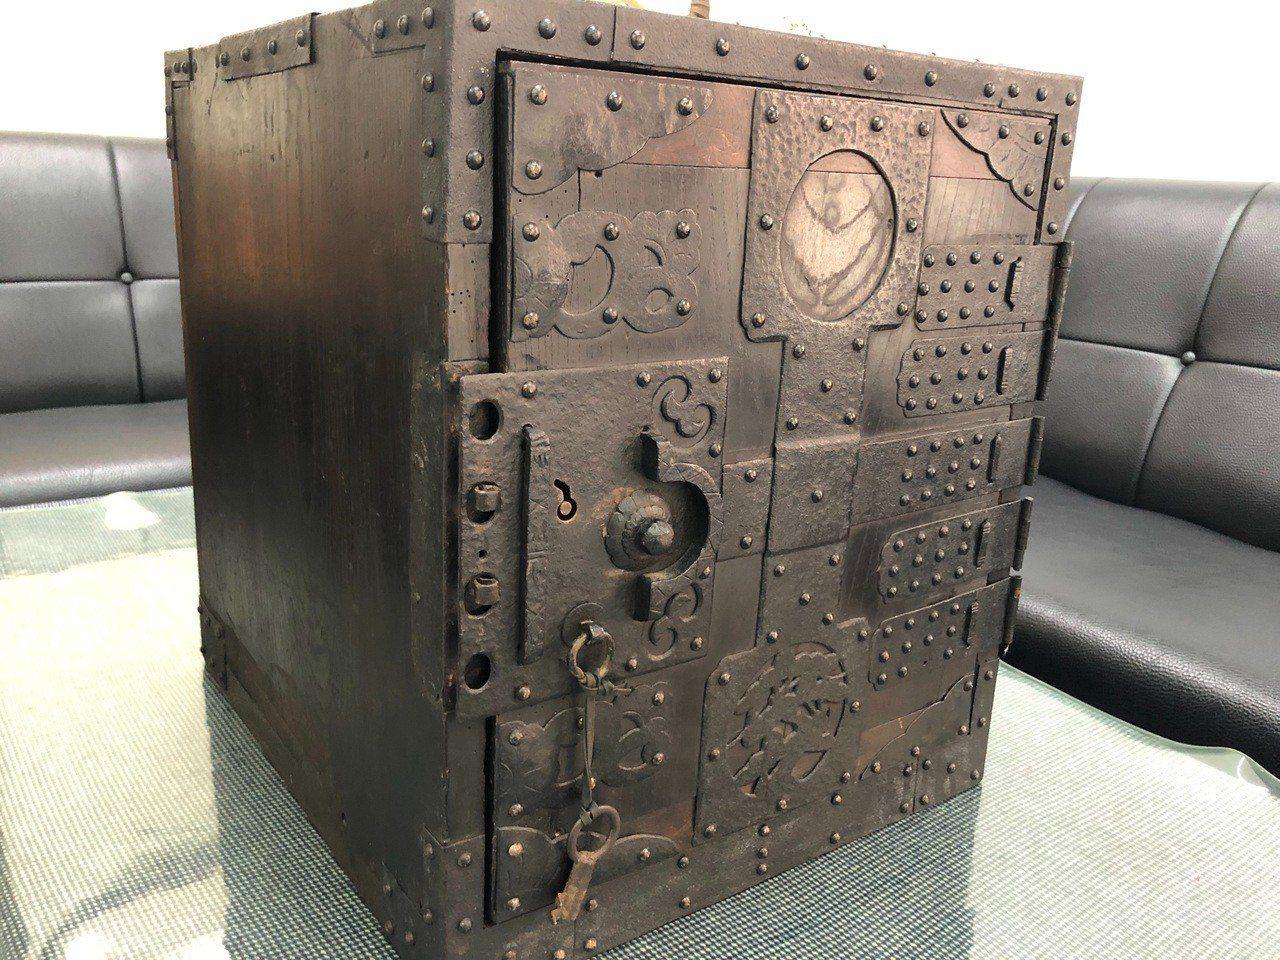 保險箱以木板蒙上鐵皮製成,且沒有密碼鎖而是以特殊鑰匙和卡榫設計,相當罕見。記者江...